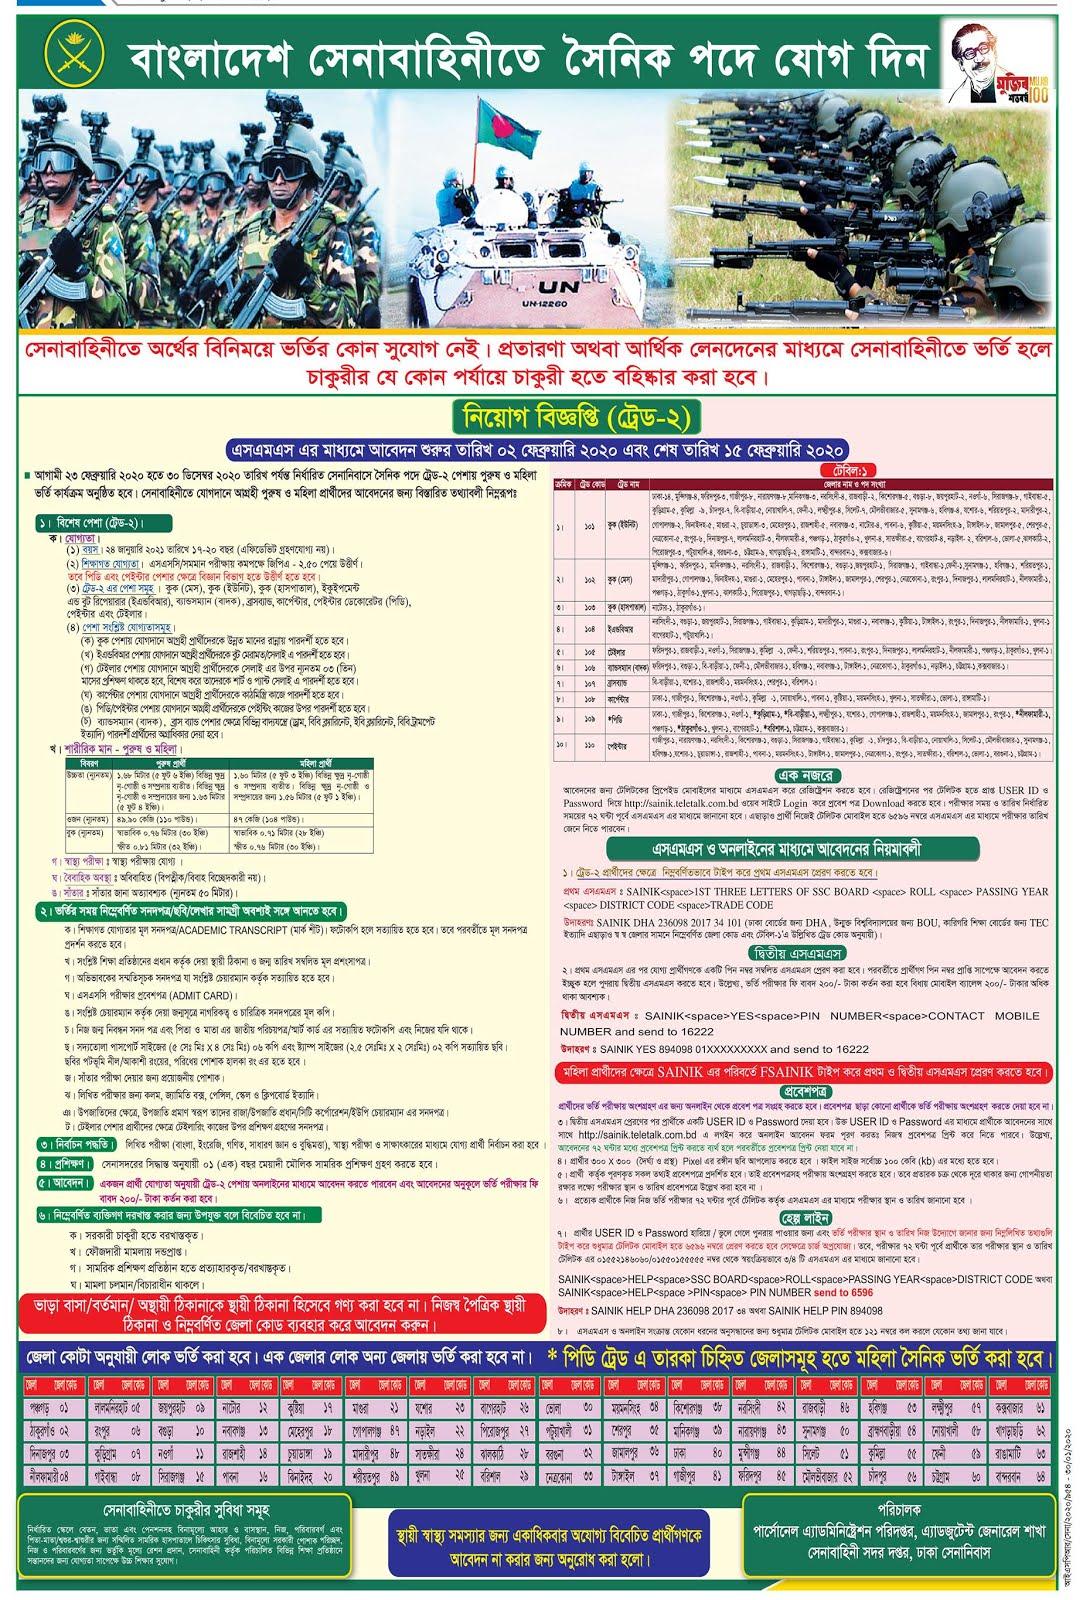 বাংলাদেশ সেনাবাহিনীতে সৈনিক পদে নিয়োগ বিজ্ঞপ্তি - Sainik Recruitment Circular - বাহিনীর চাকরির খবর